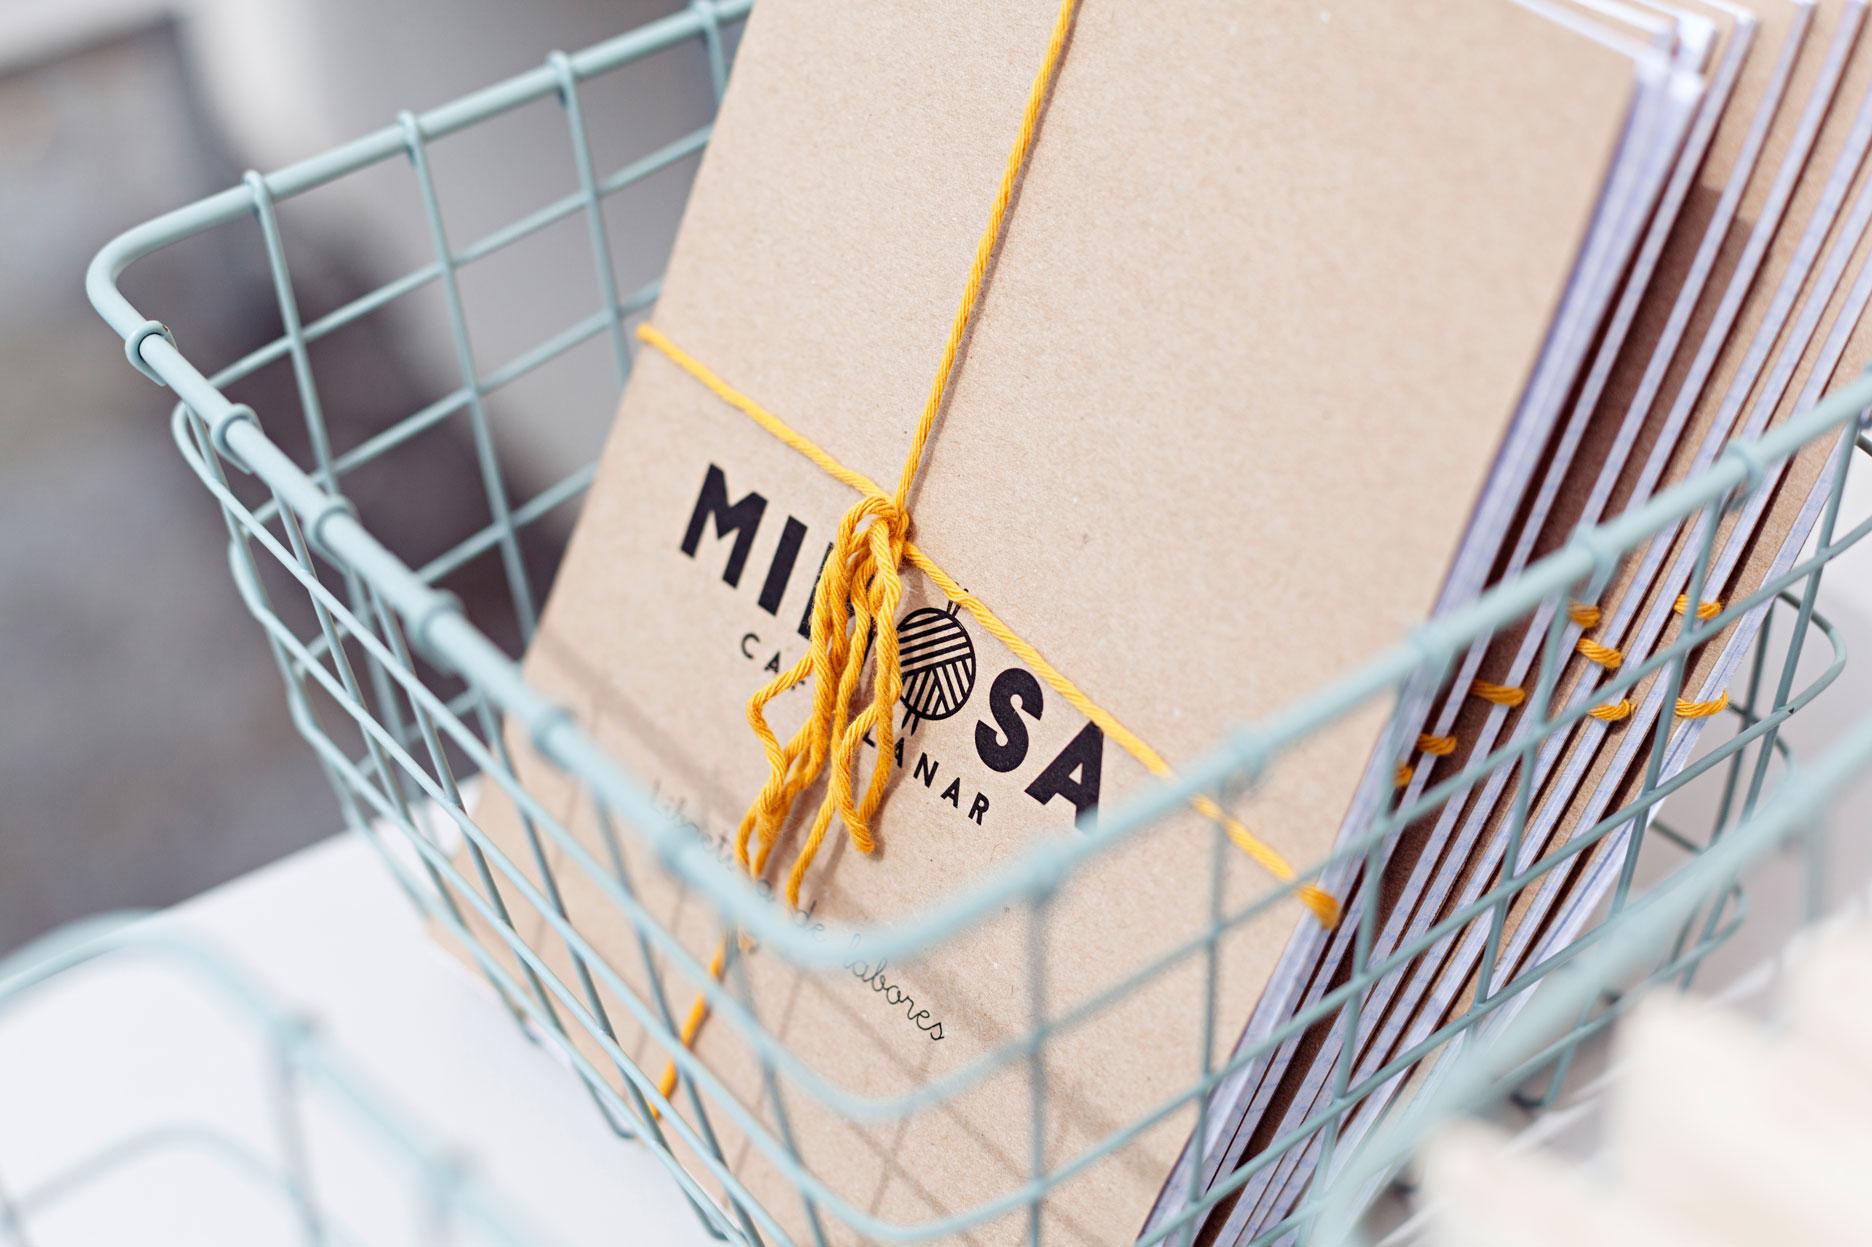 Mimosa café lanar